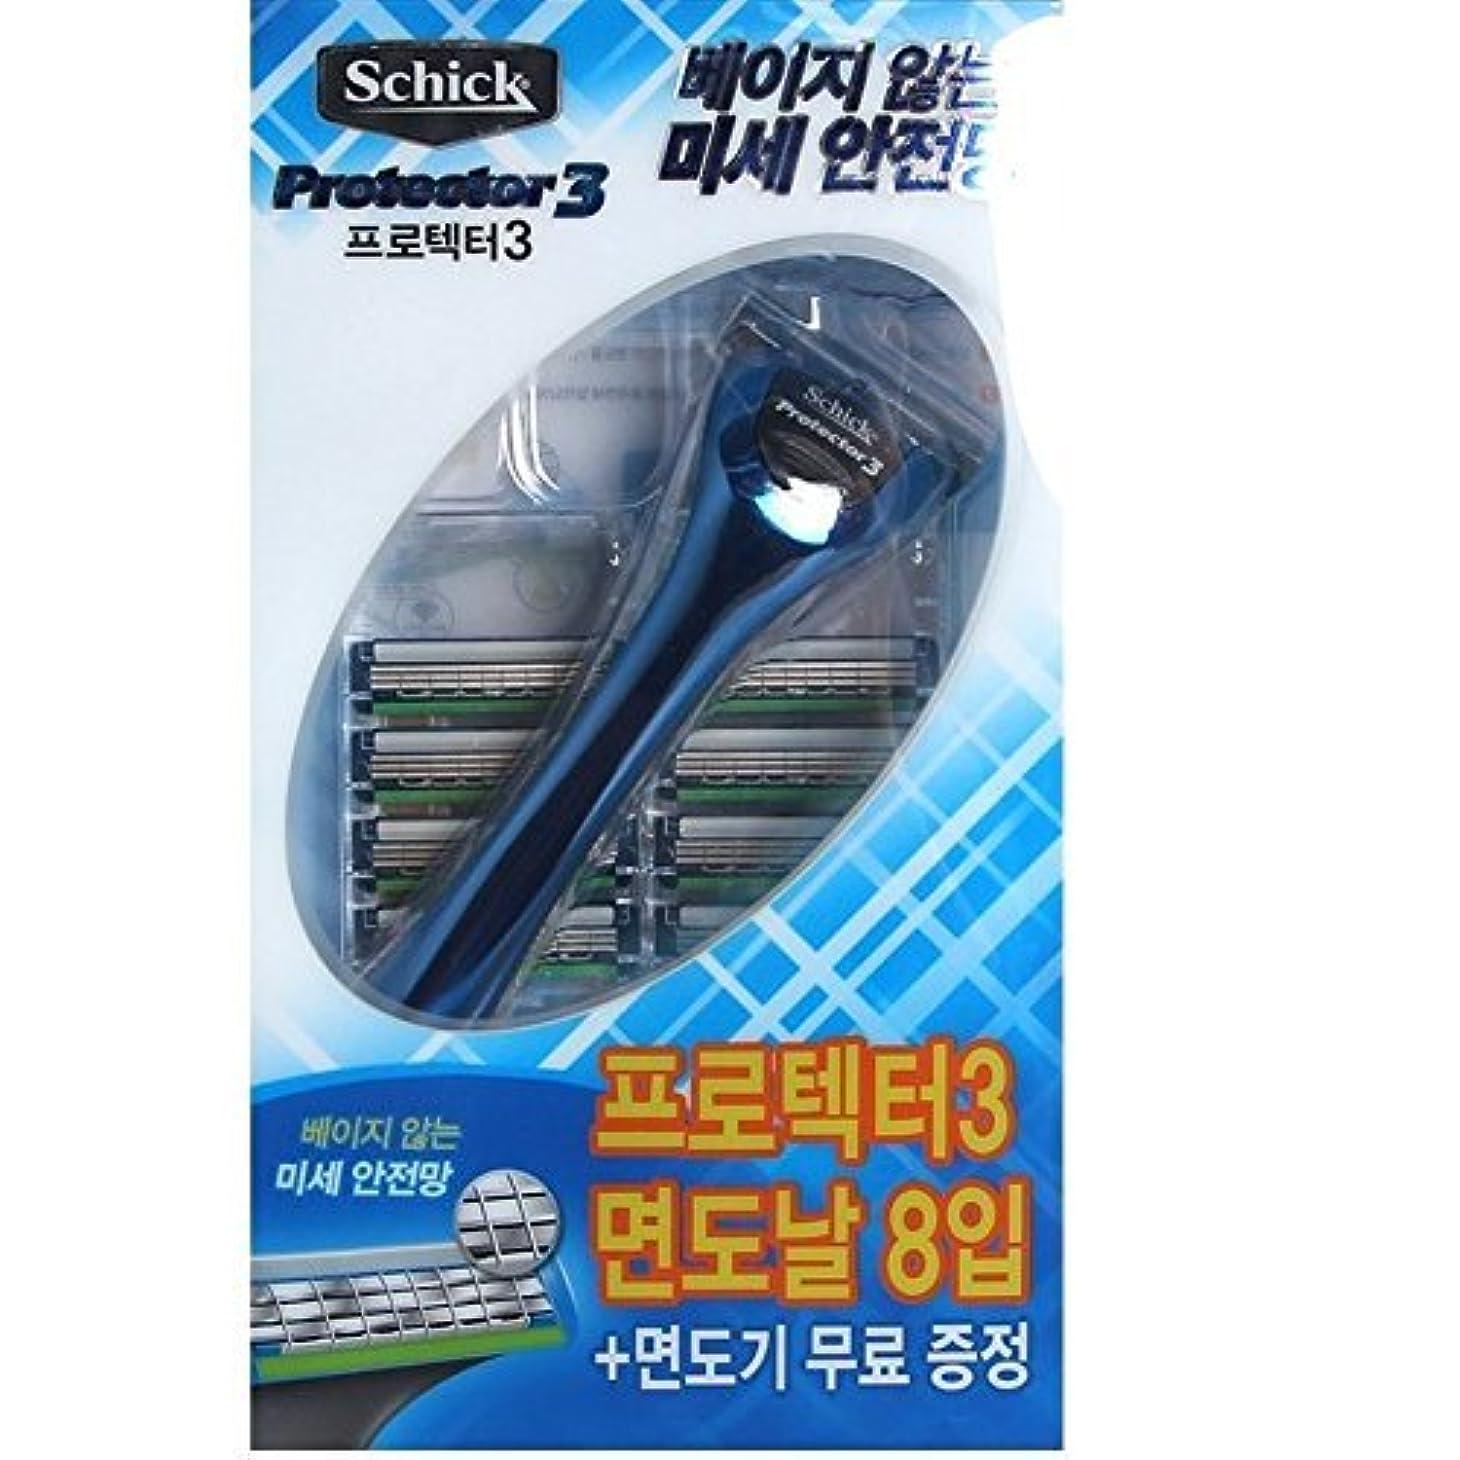 運河初期散文Schick Protector3 1 Razor + 8 カートリッジリフィルブレイド [並行輸入品]